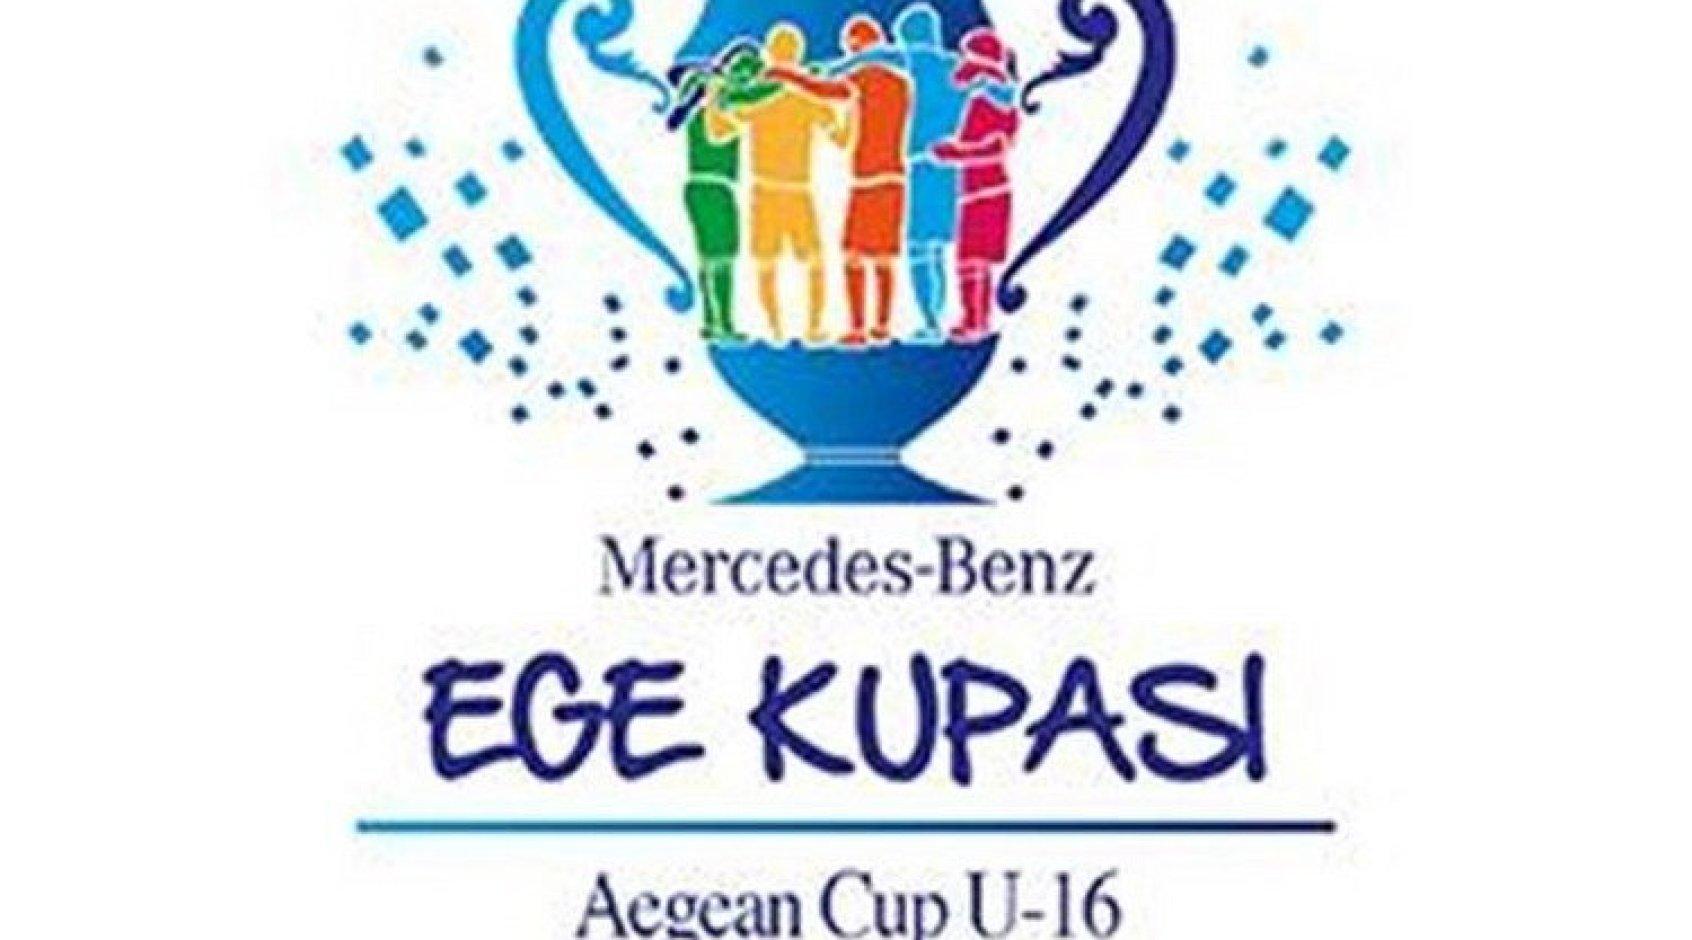 Кубок Егейського моря. Україна (U-16) - Північна Македонія (U-16) 1:0. Курс - на п'яте місце